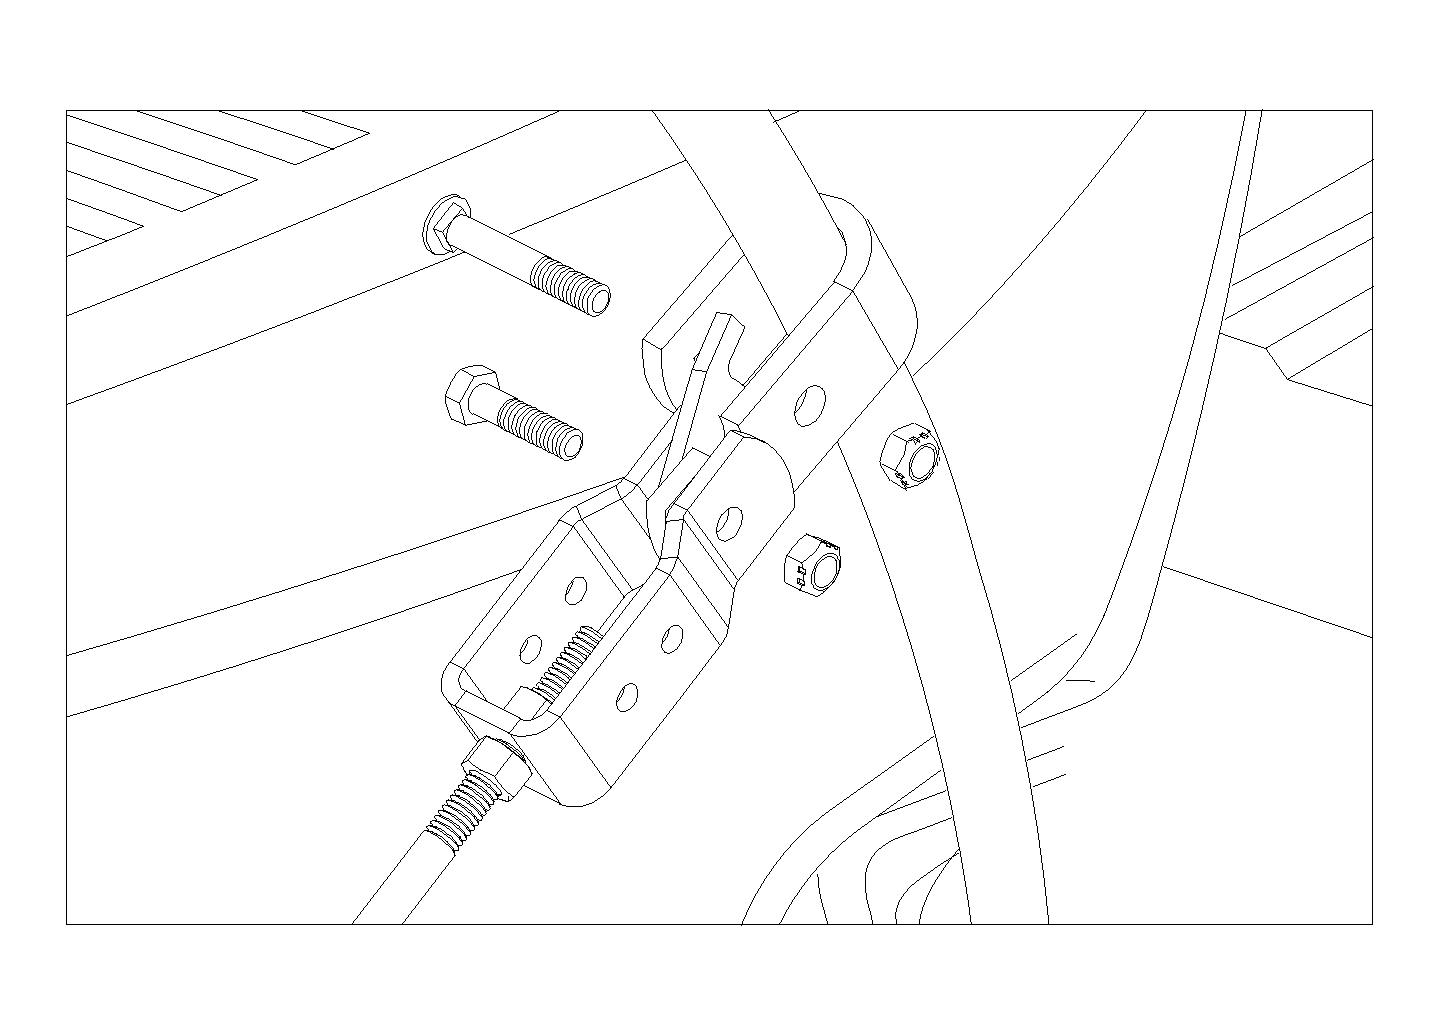 Honda Alternators Technical Drawings